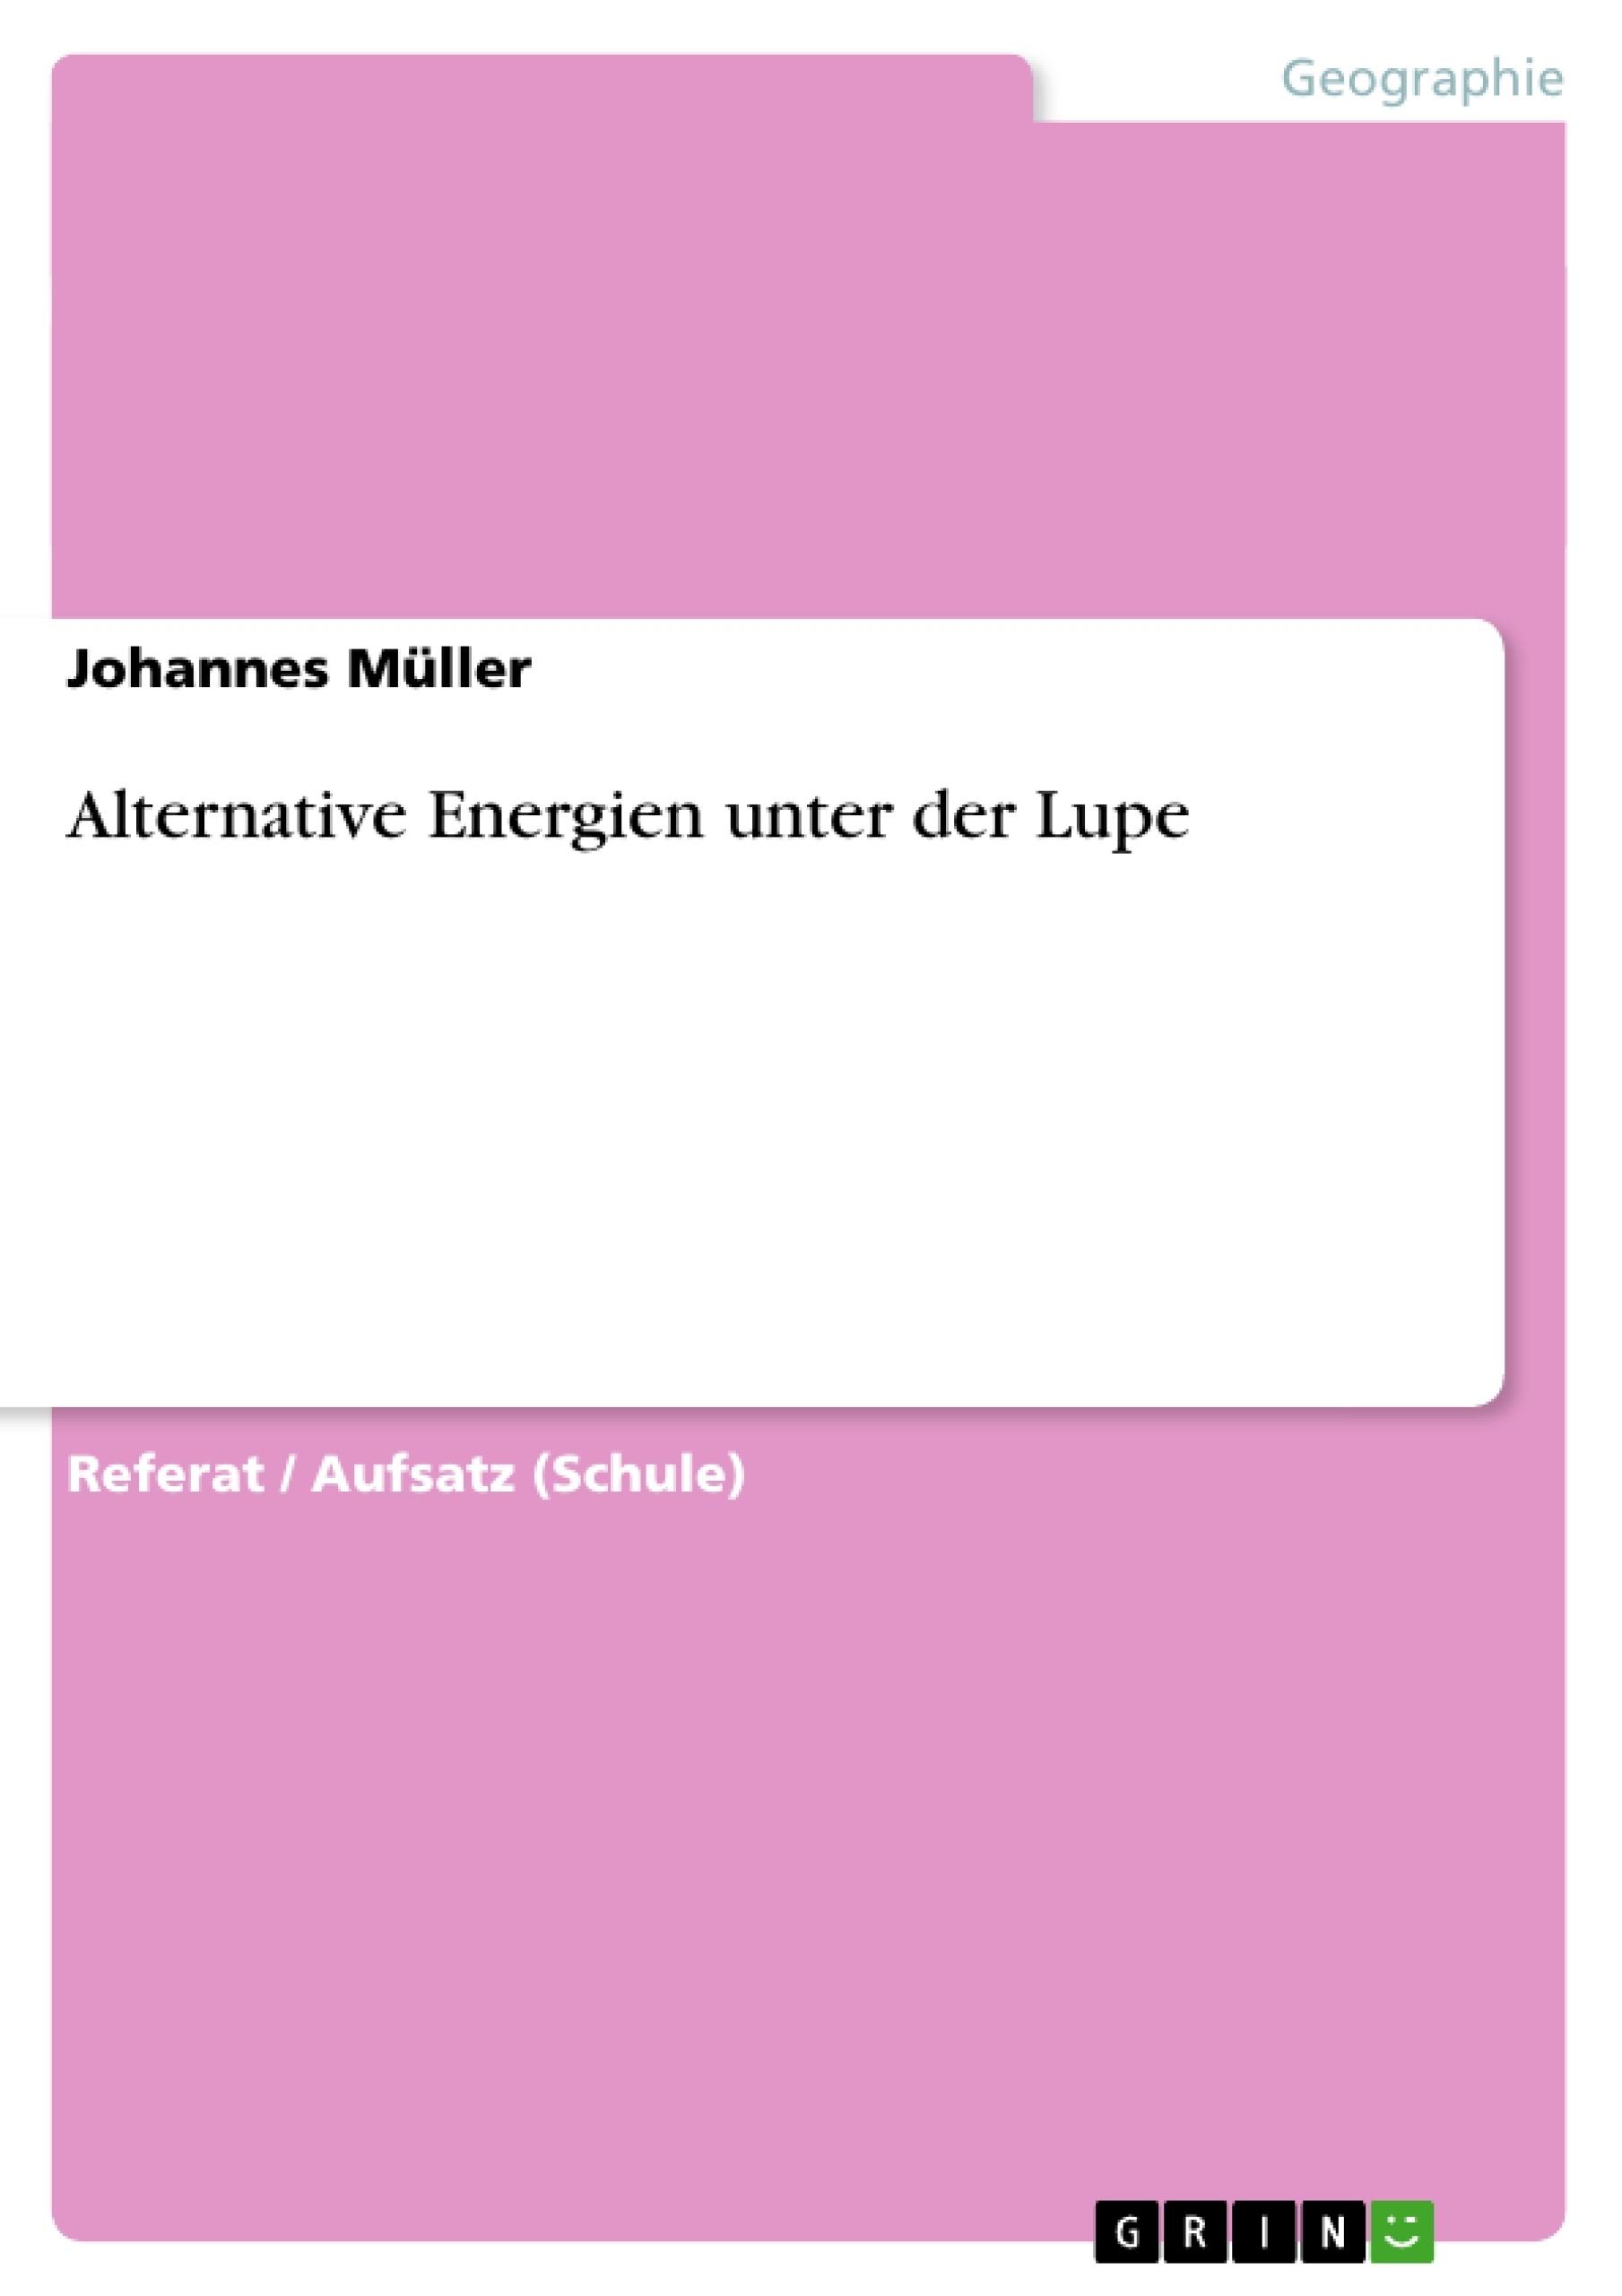 Titel: Alternative Energien unter der Lupe